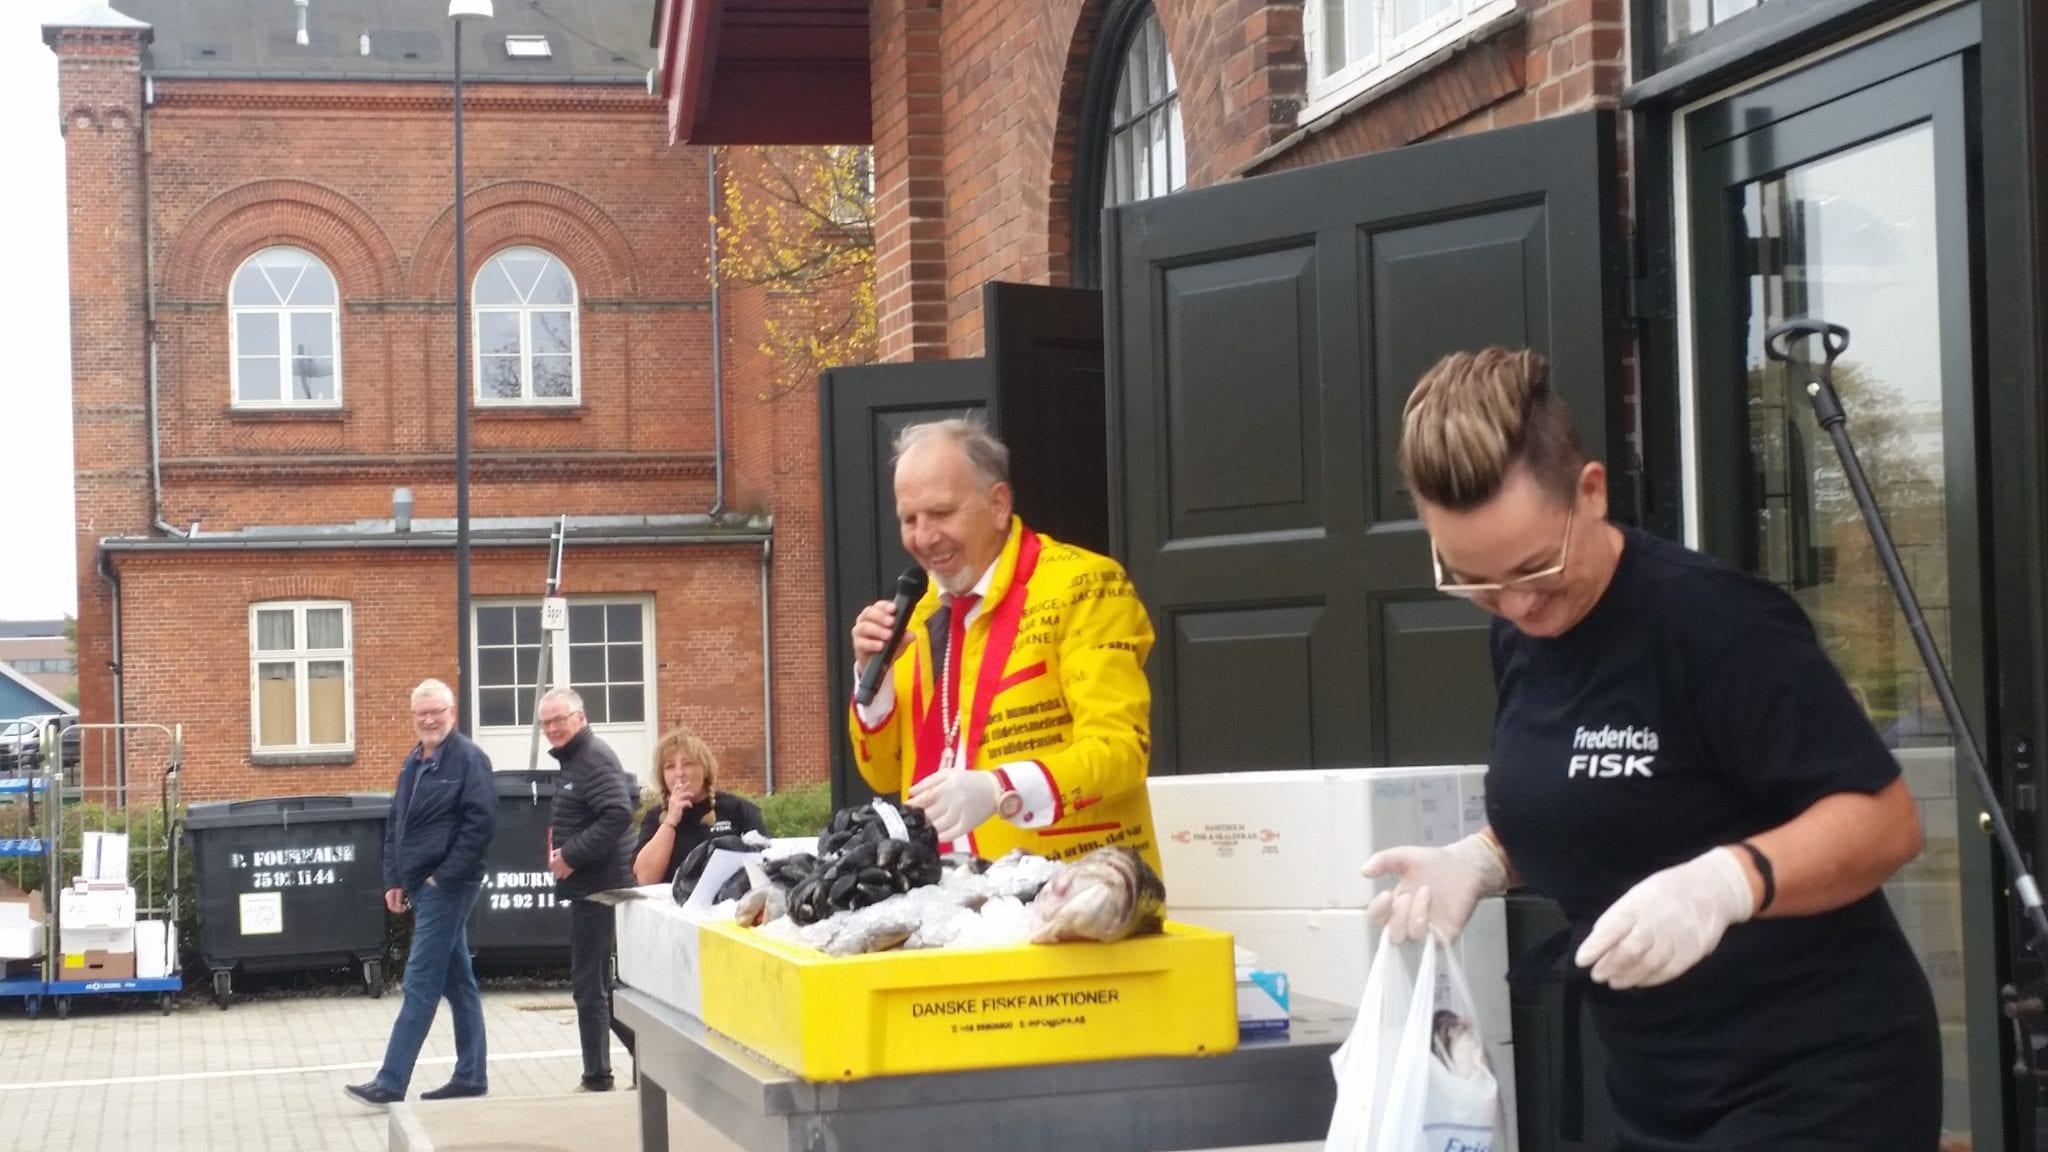 Jacob Haugaard udvælger næste fisk til auktion og fru Jensen afleverer fisk til en tilfreds kunde - Fredericia Fisk 2018 (Foto: Claes Andersen)